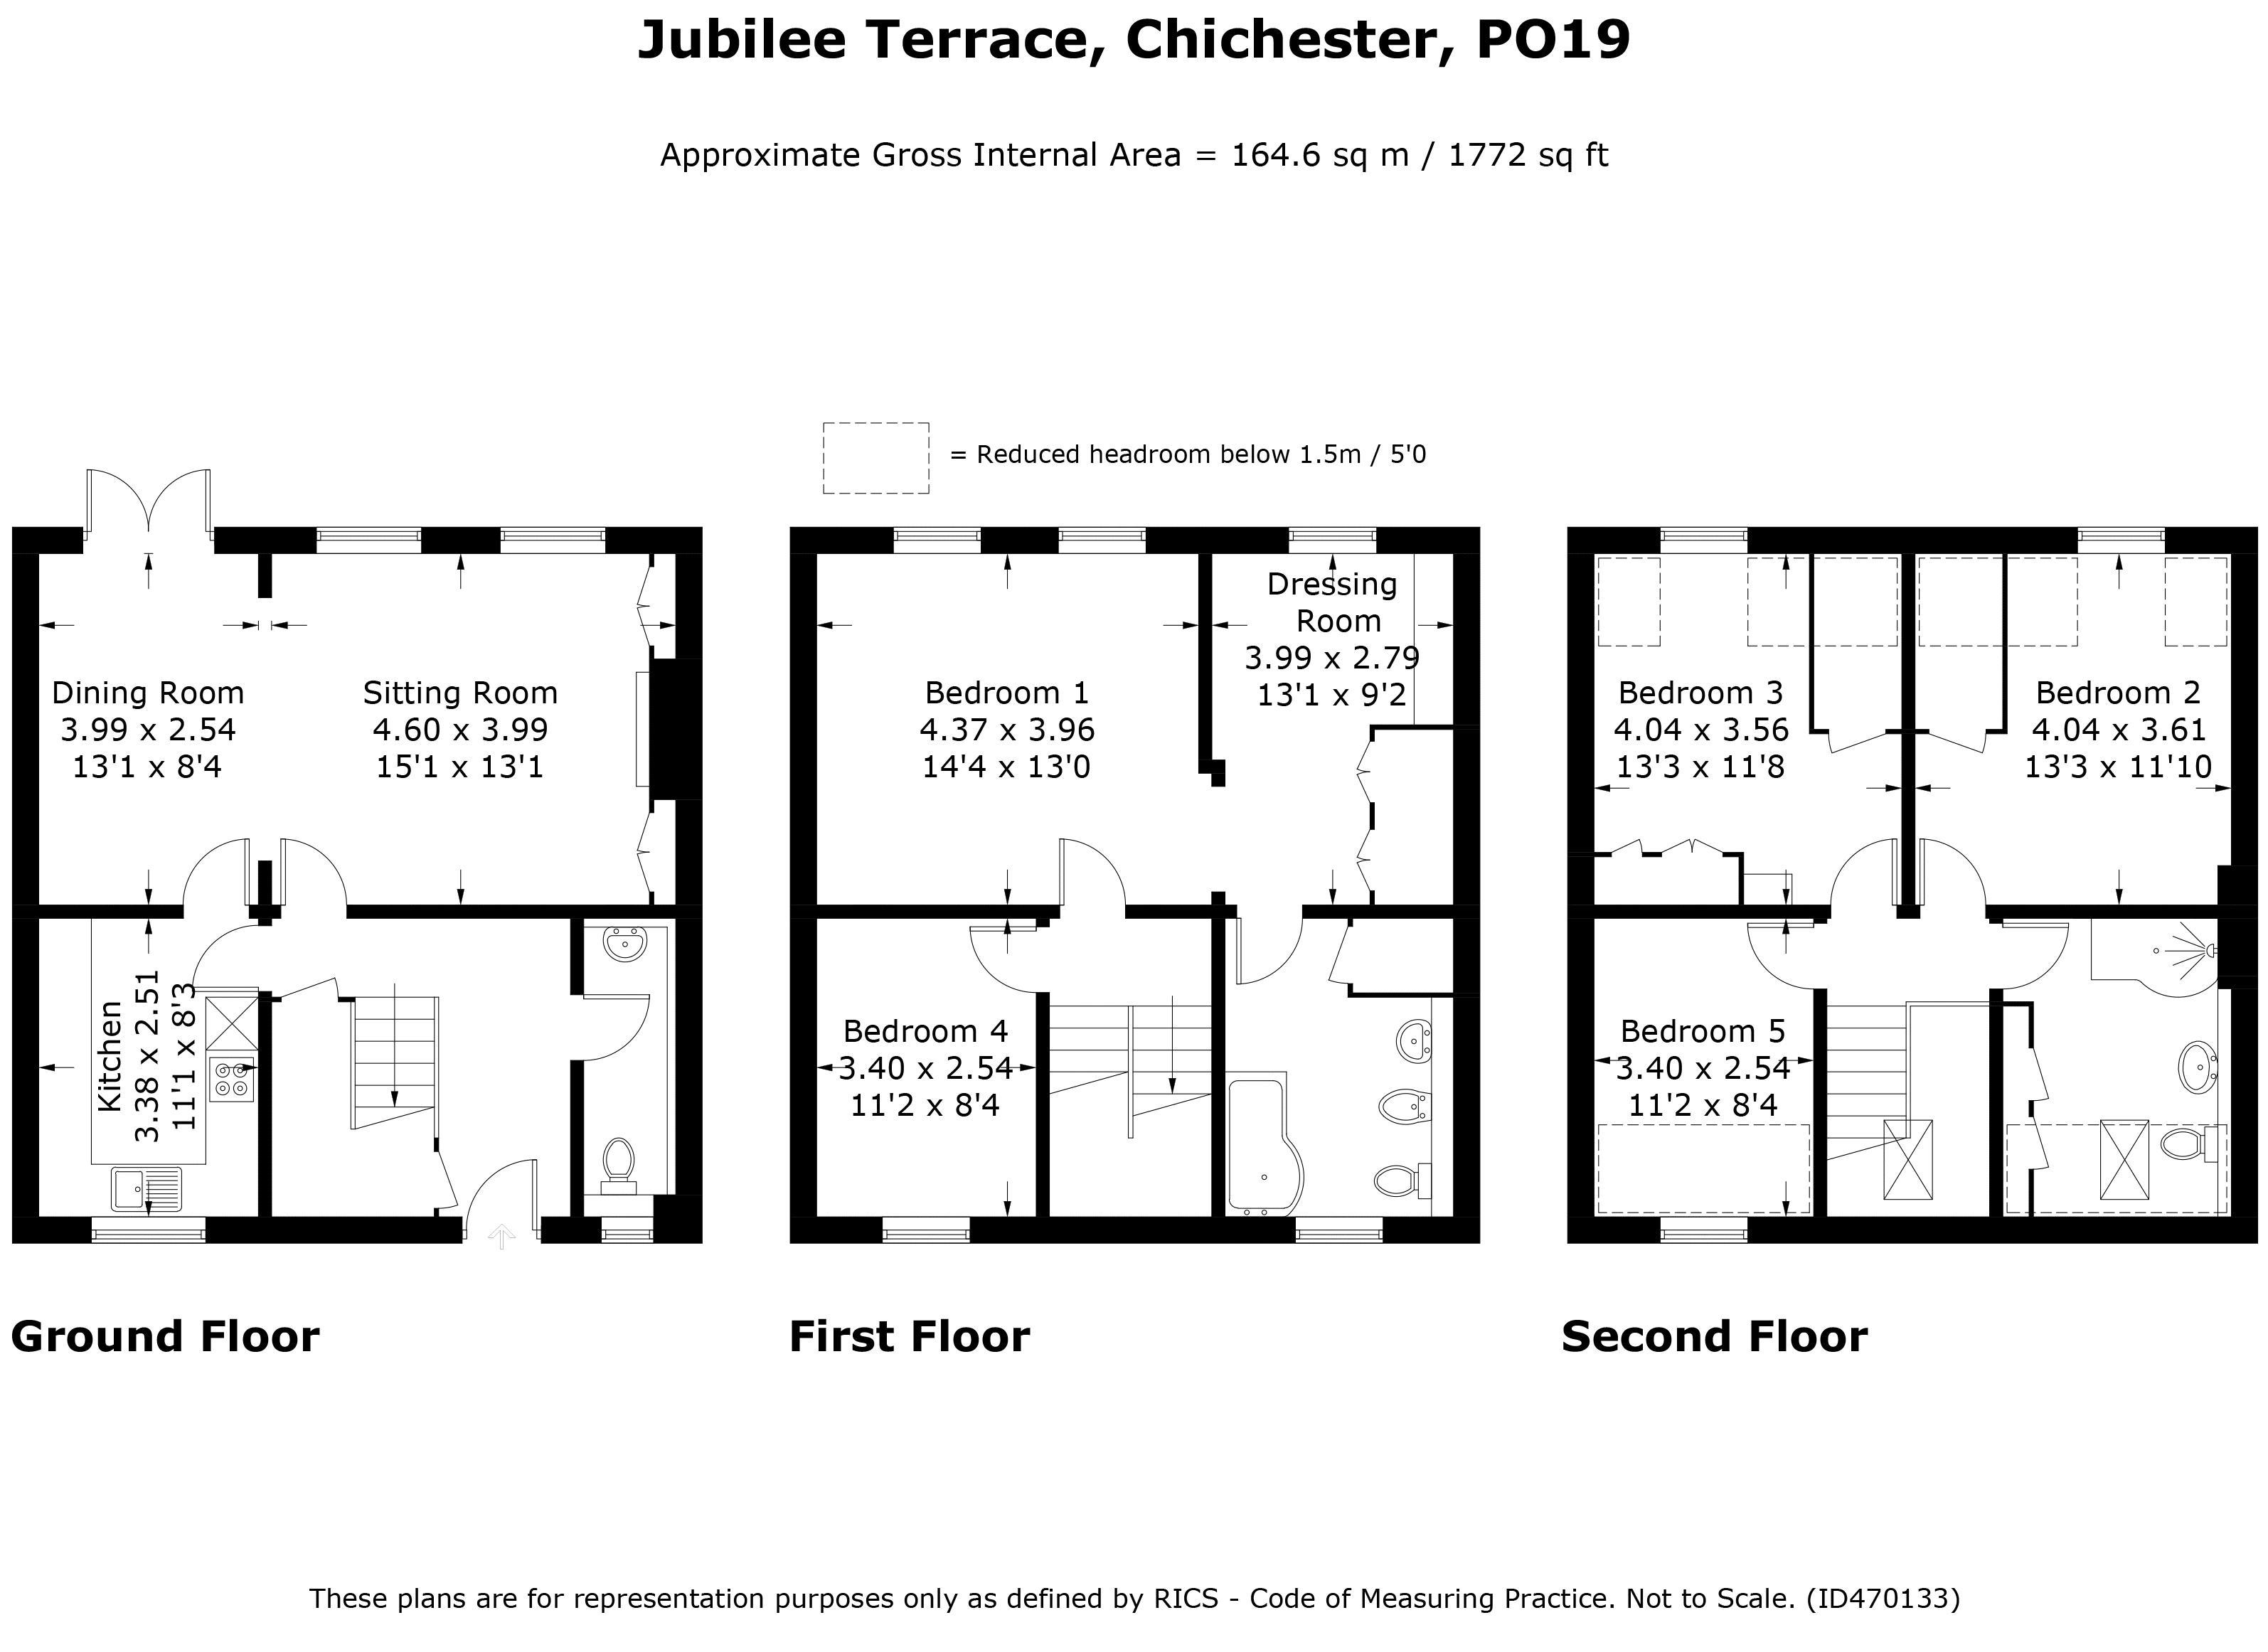 Jubilee Terrace